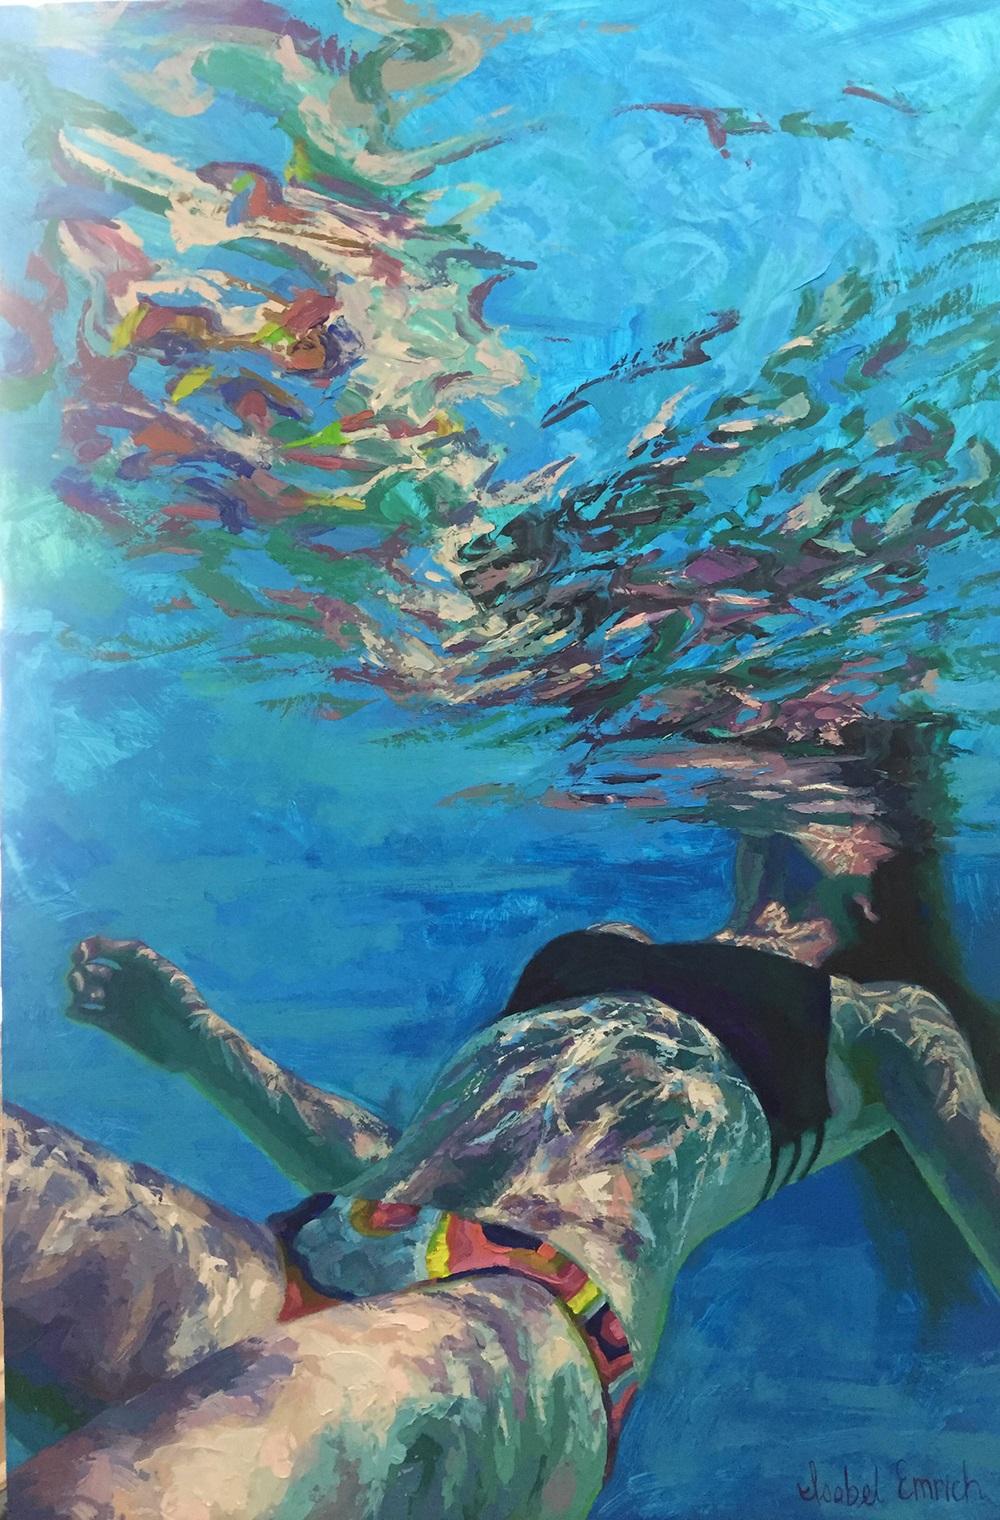 underwater paintings artwork - 736×1118